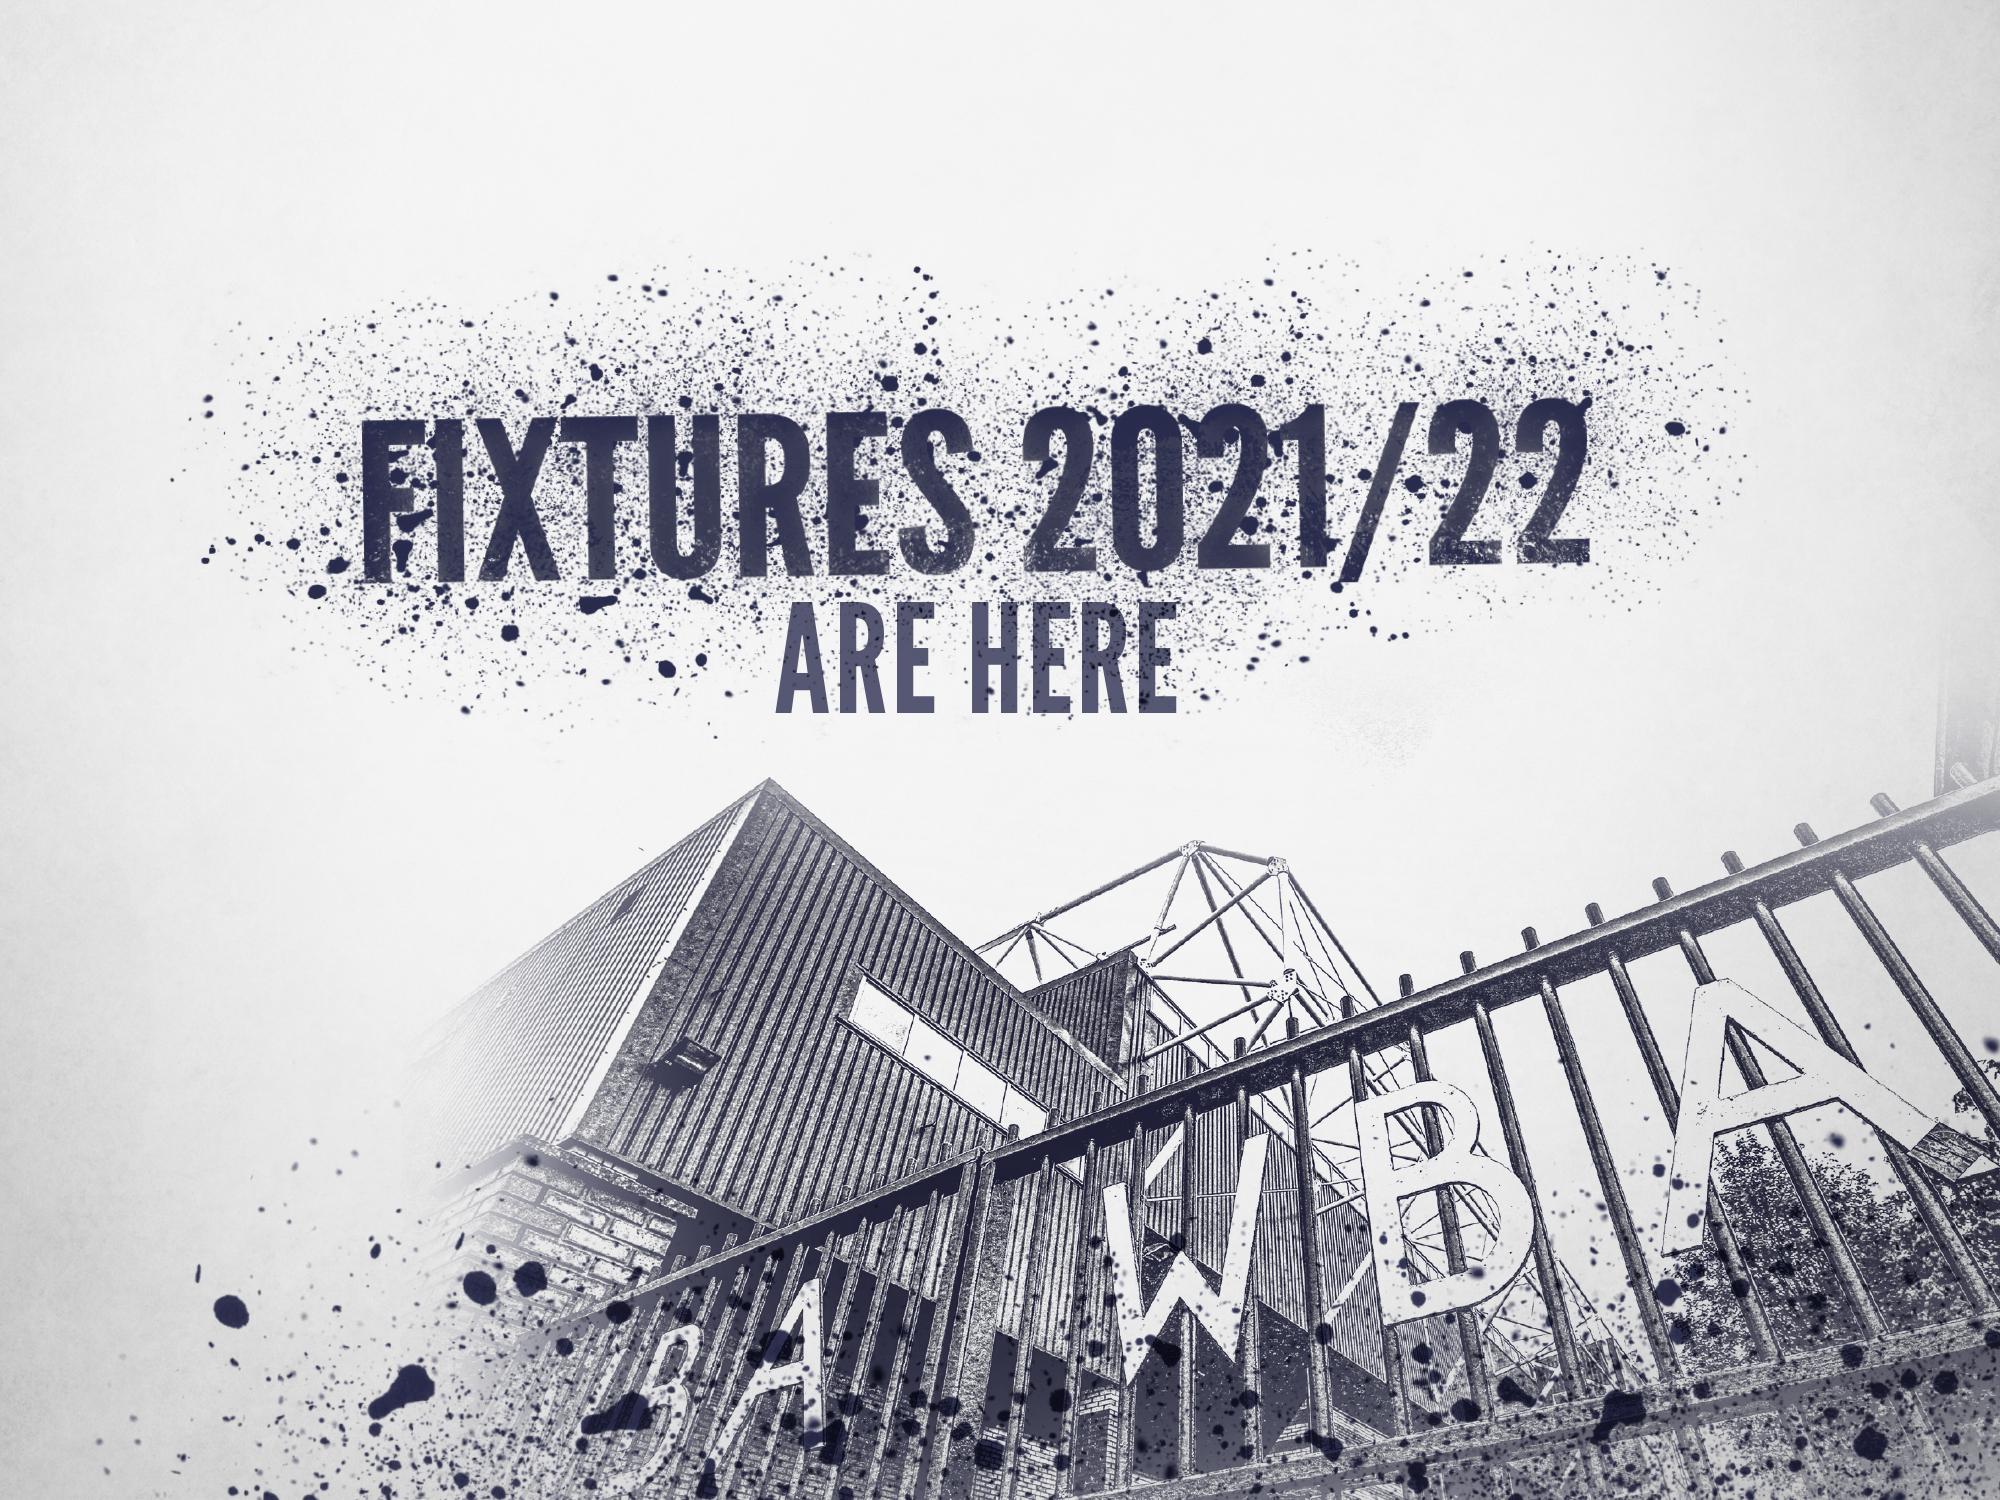 Fixtures 2021/22